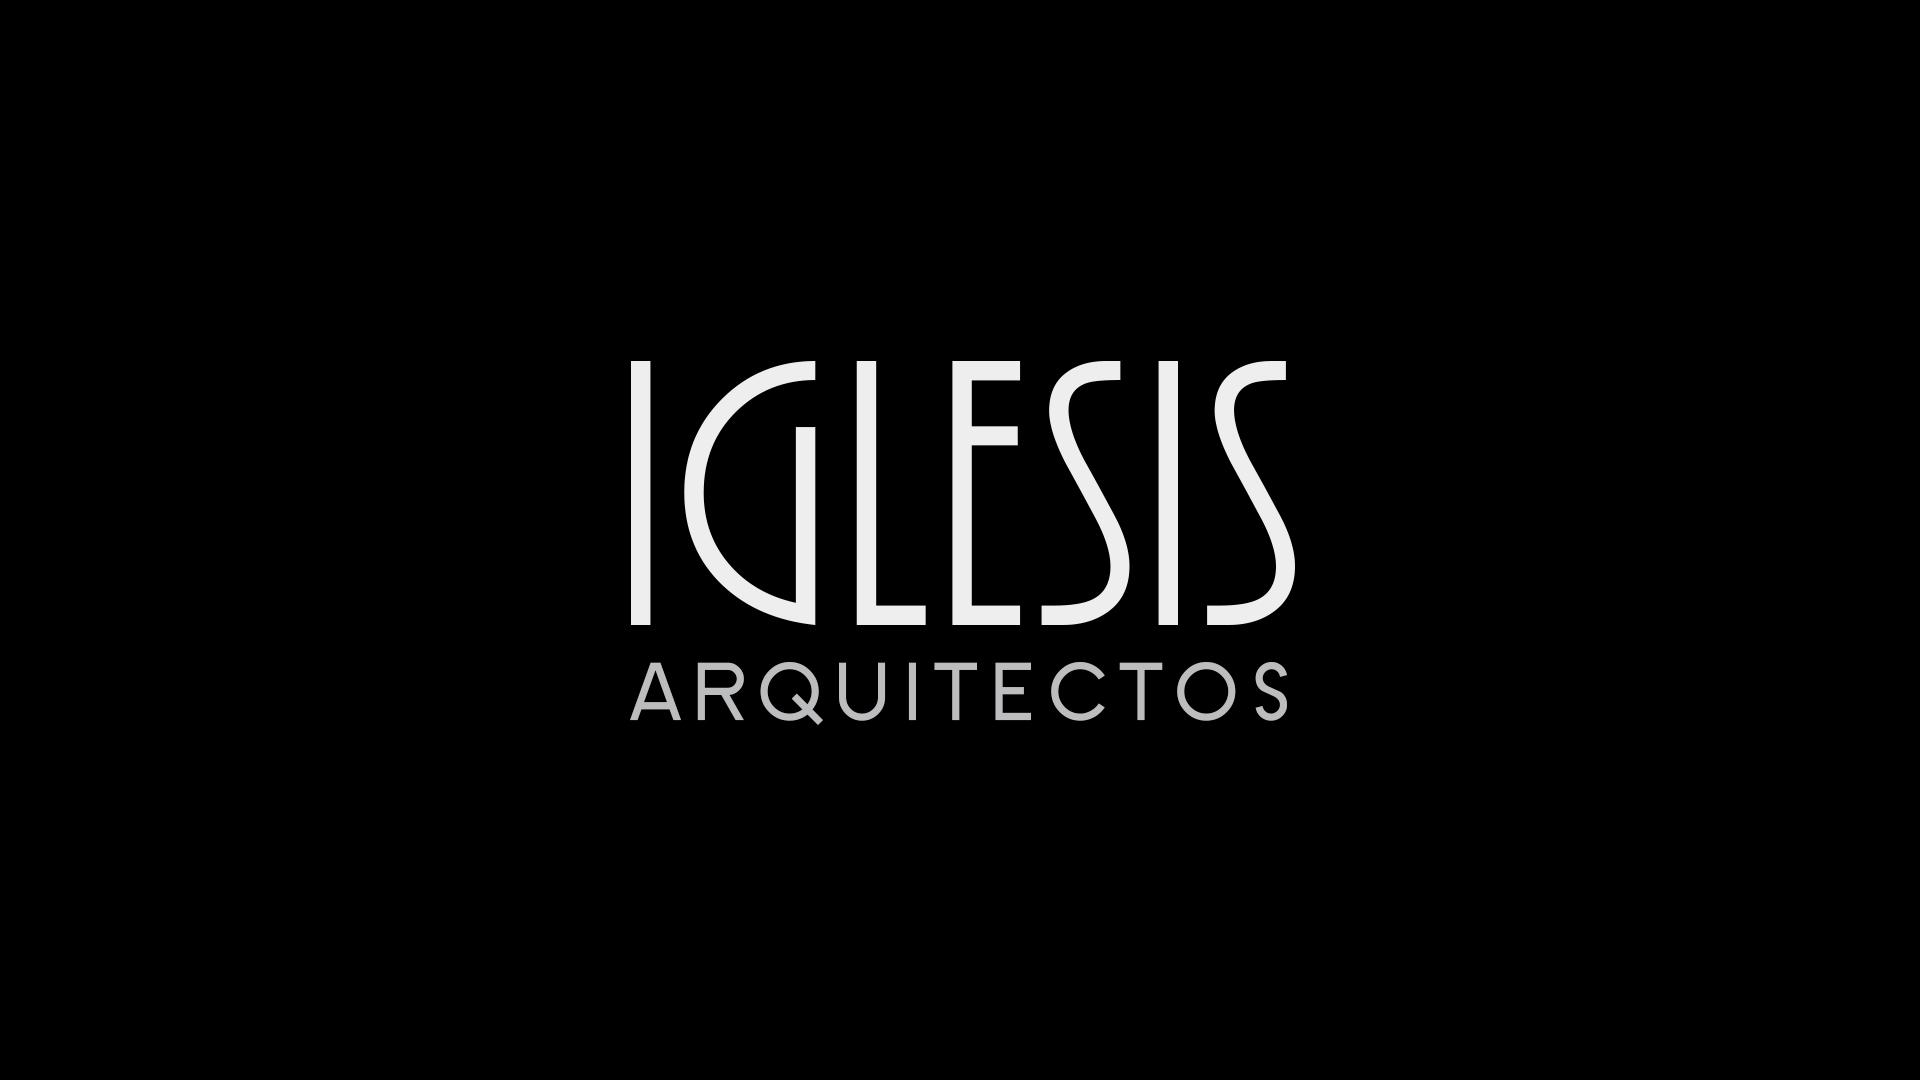 proyecto-iglesis